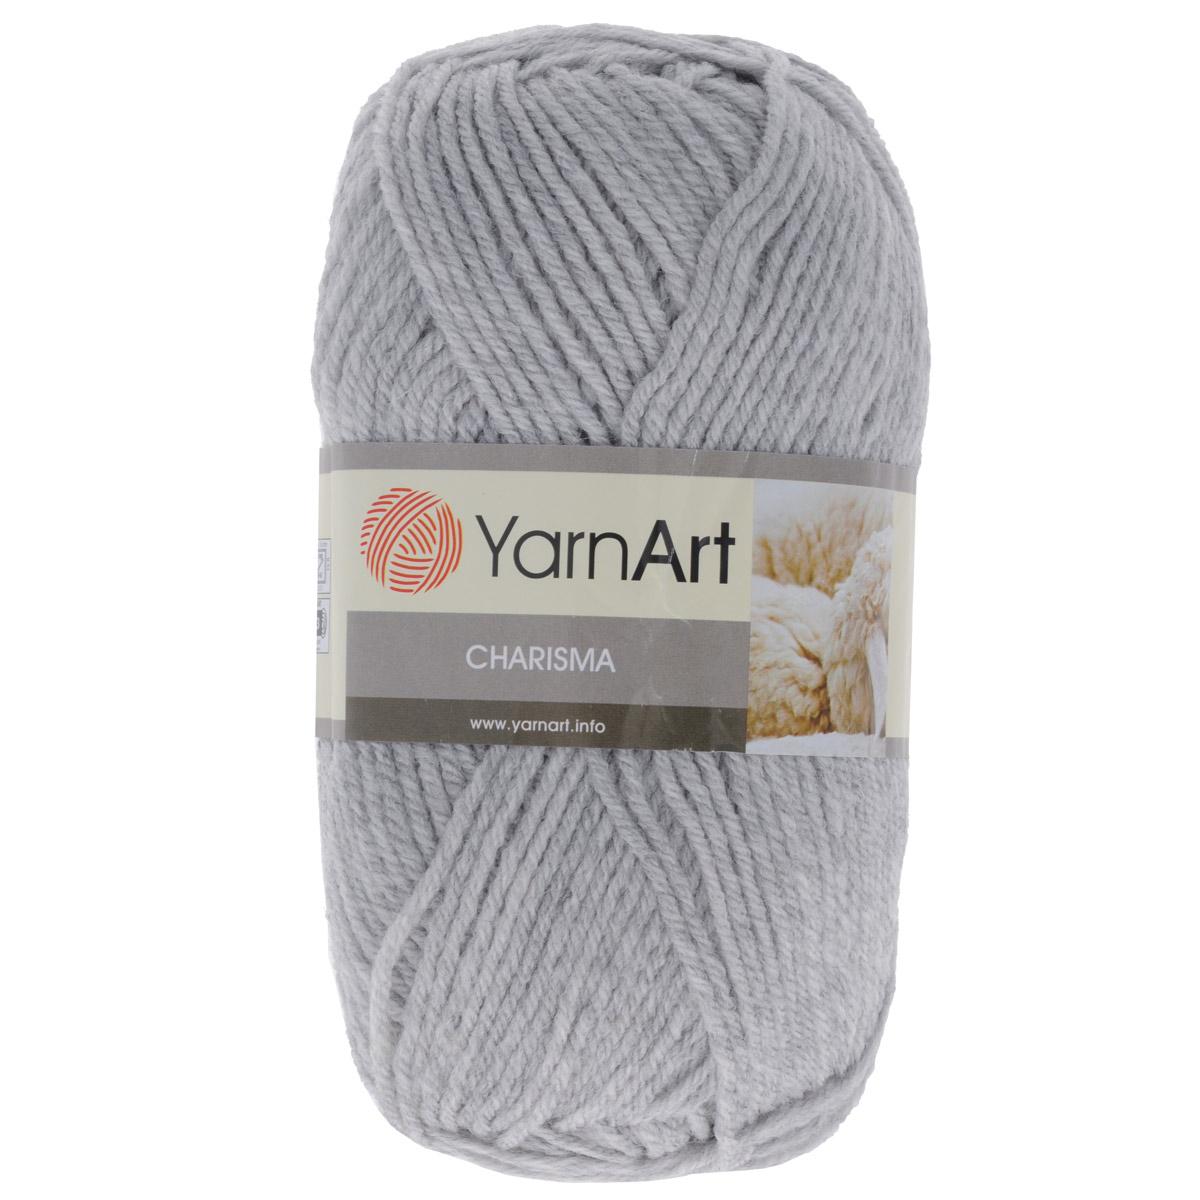 Пряжа для вязания YarnArt Charisma, цвет: светло-серый (0282), 200 м, 100 г, 5 шт372032_0282Пряжа для вязания YarnArt Charisma изготовлена из шерсти и акрила. Эта полушерстяная классическая пряжа подходит для ручного вязания. Нить мягкая, плотной скрутки, послушная, не расслаивается, не тянется, легко распускается и не деформируется. Благодаря преобладанию шерсти в составе пряжи, изделия получаются очень теплыми, а небольшой процент акрила придает практичности, поэтому вещи из этой пряжи не деформируются после стирки и в процессе носки. Пряжа YarnArt Charisma — однотонной окраски с небольшим матовым эффектом. Ей можно оригинально декорировать вязаные из другой пряжи изделия. Пряжа окрашена стойкими качественными красителями, не линяет. Рекомендуются спицы 4 мм, крючок 5 мм. Состав: 80% шерсть, 20% акрил.